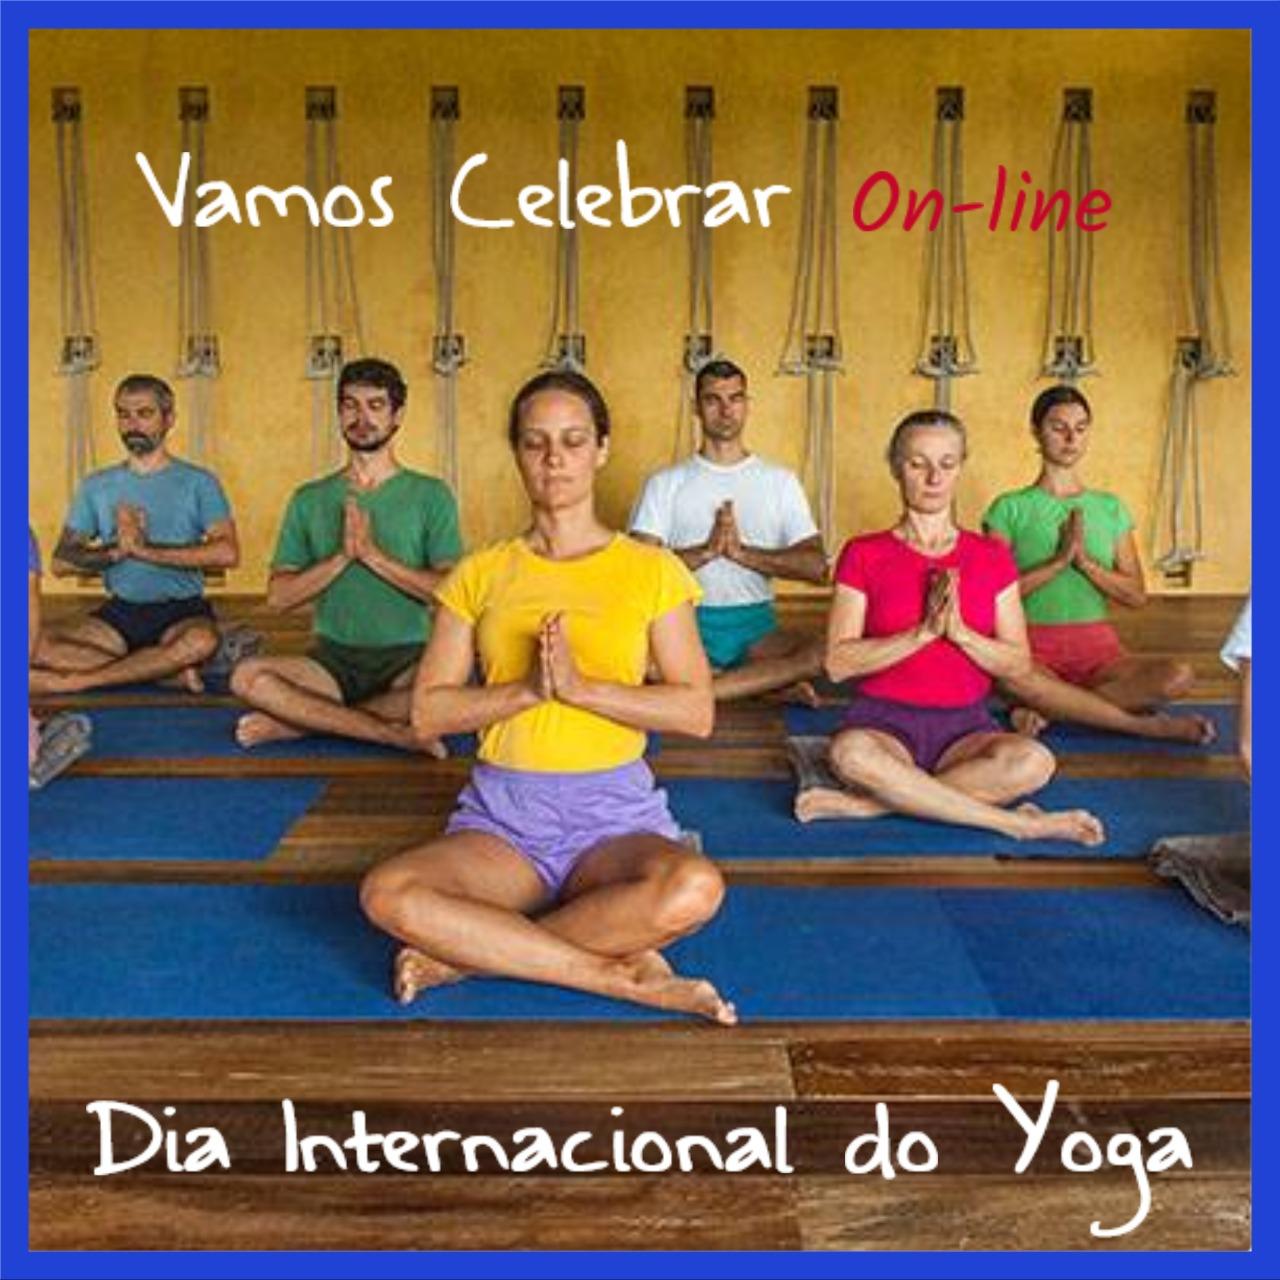 Escola celebra Dia do Yoga com semana de aulas on-line em benefício de projeto social